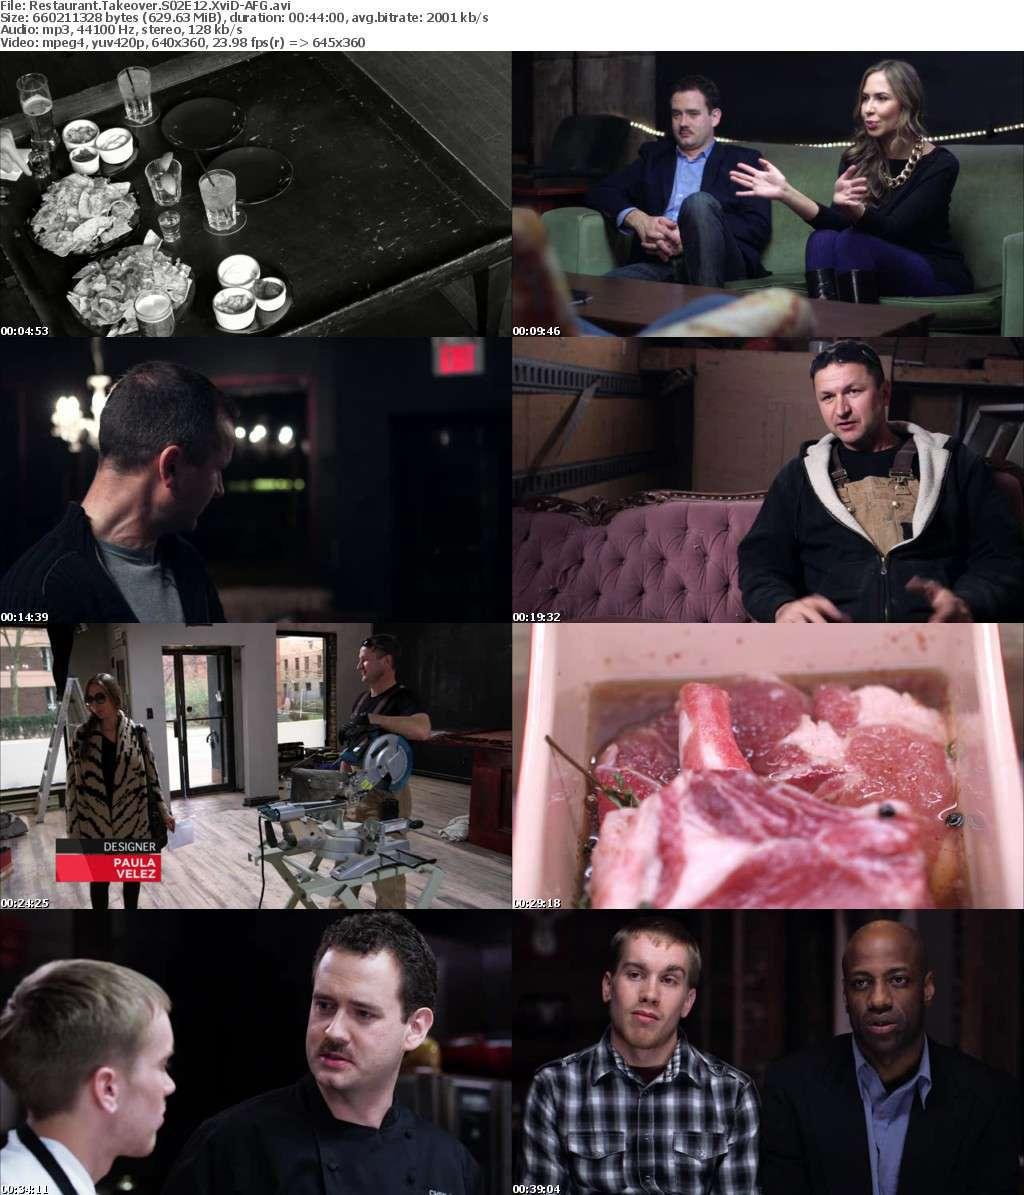 Restaurant Takeover S02E12 XviD-AFG